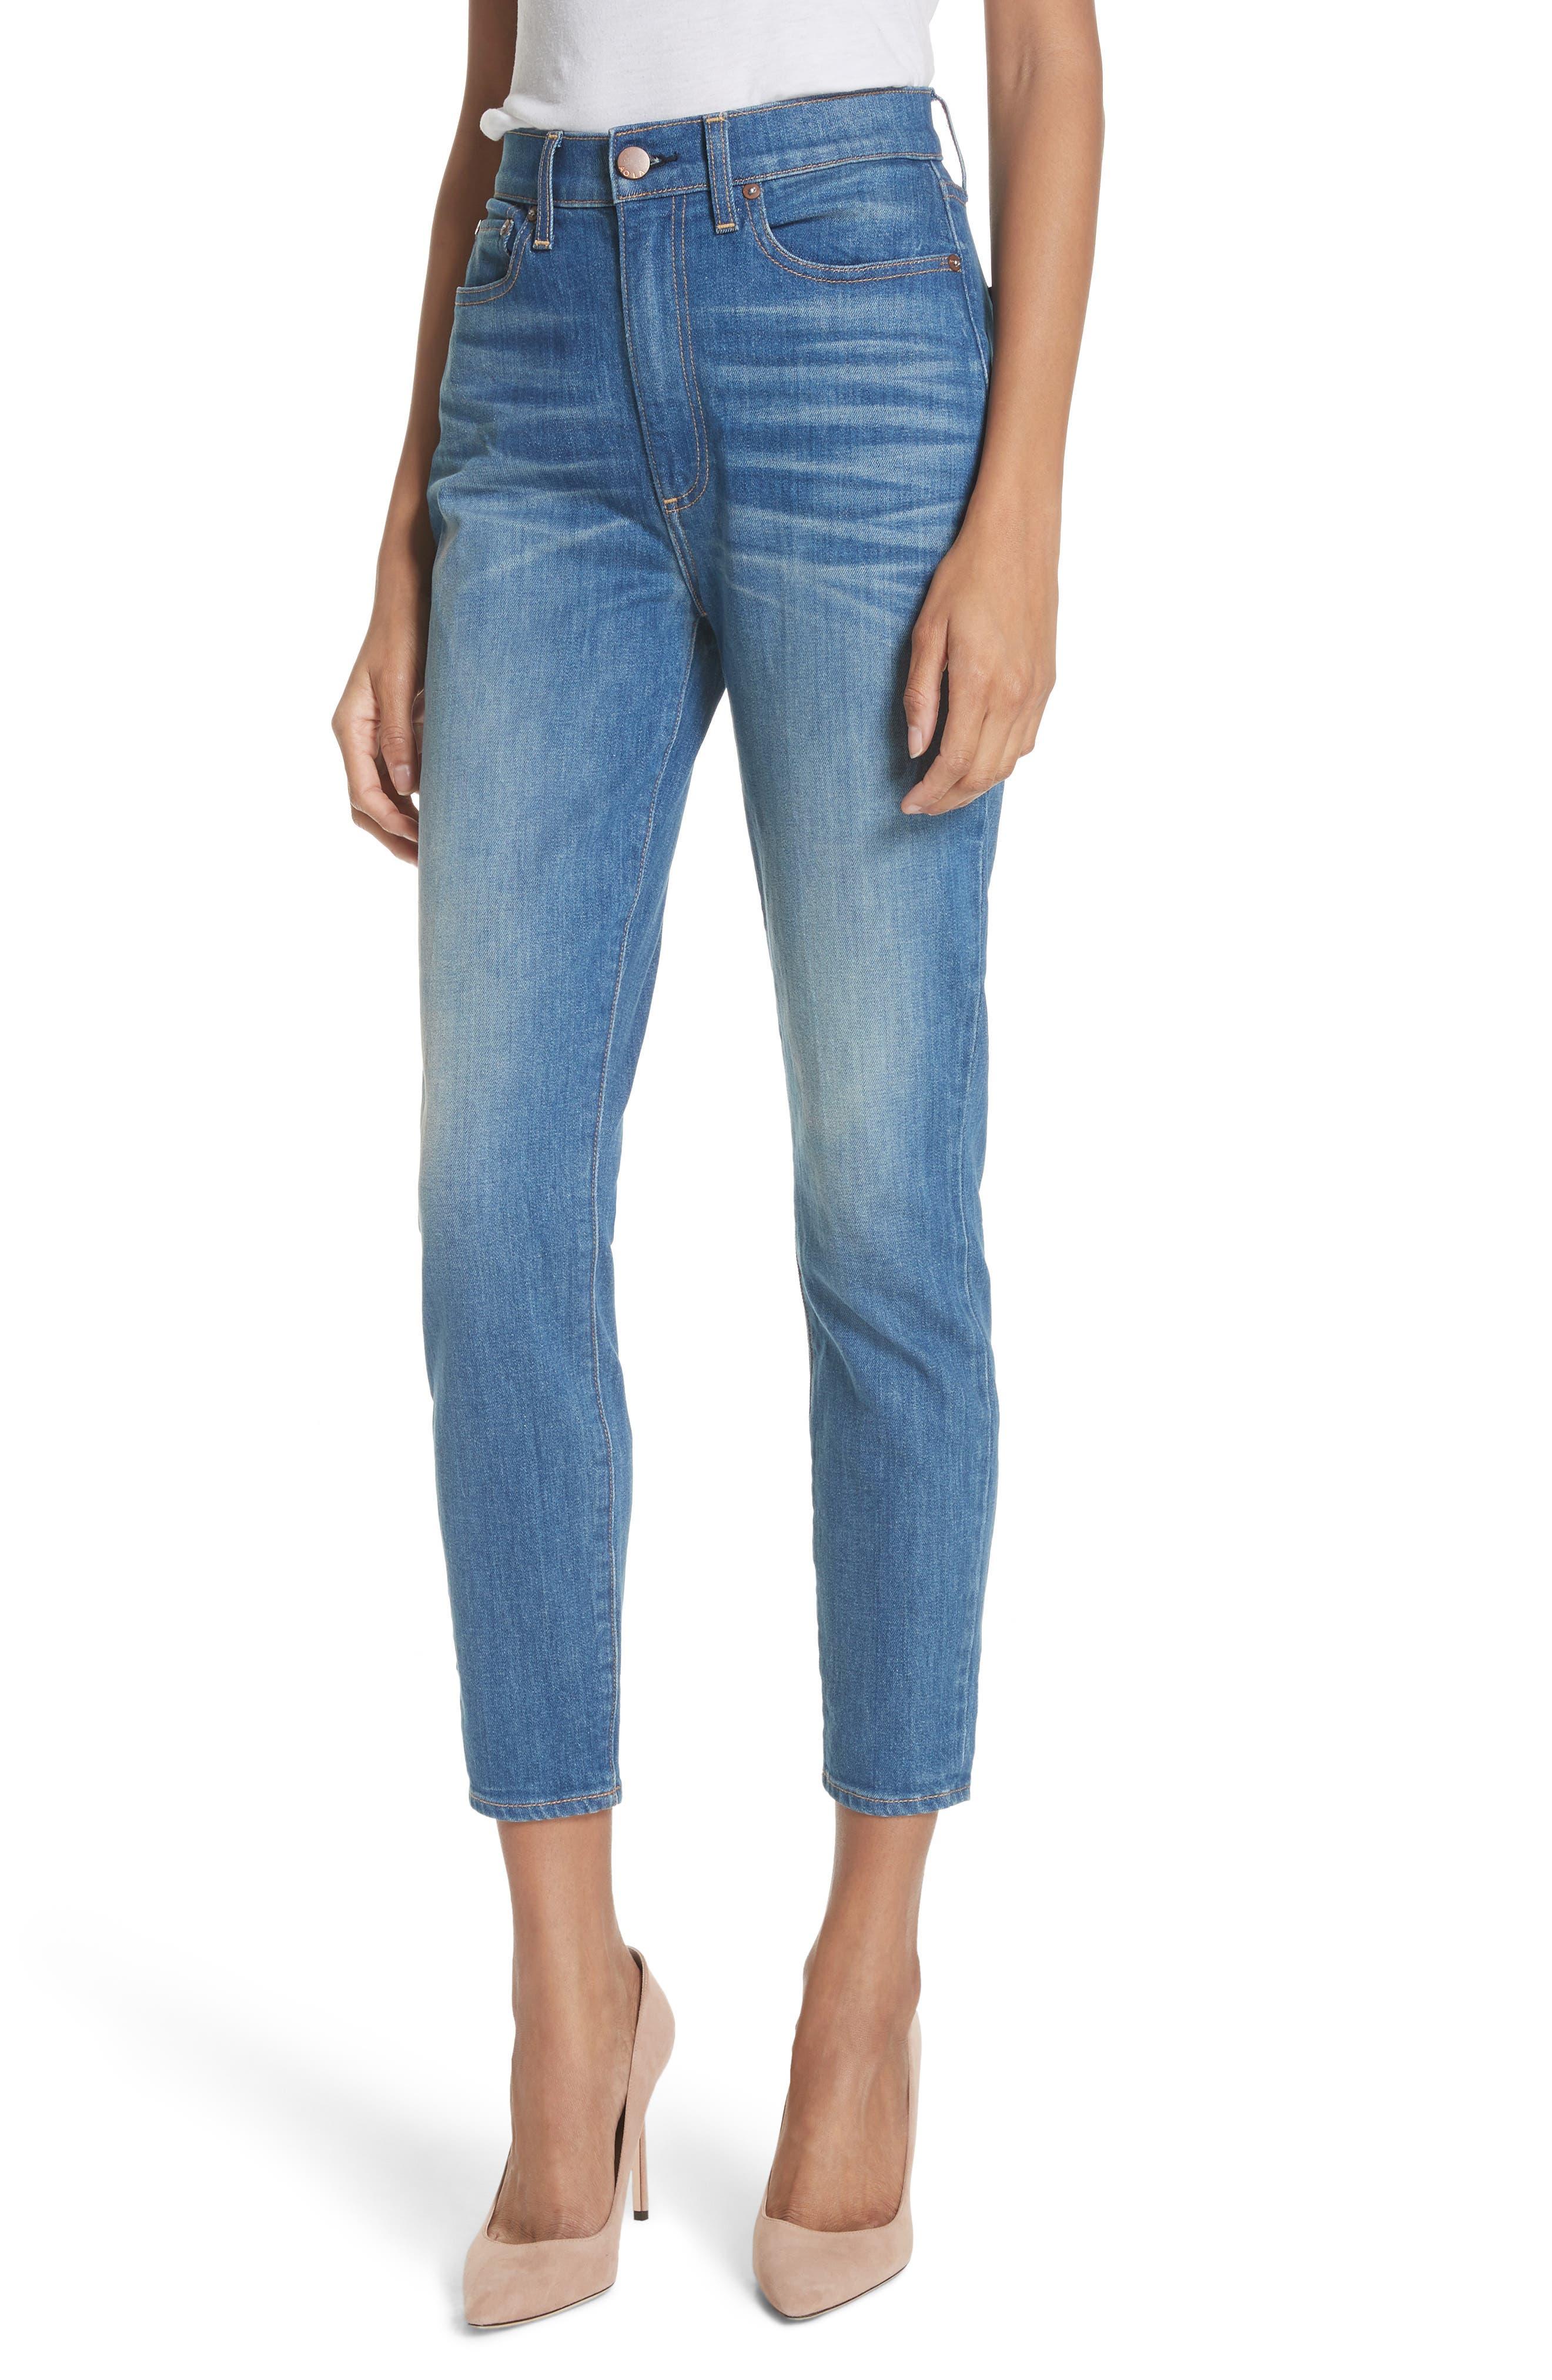 AO.LA Good High Waist Ankle Skinny Jeans,                         Main,                         color,